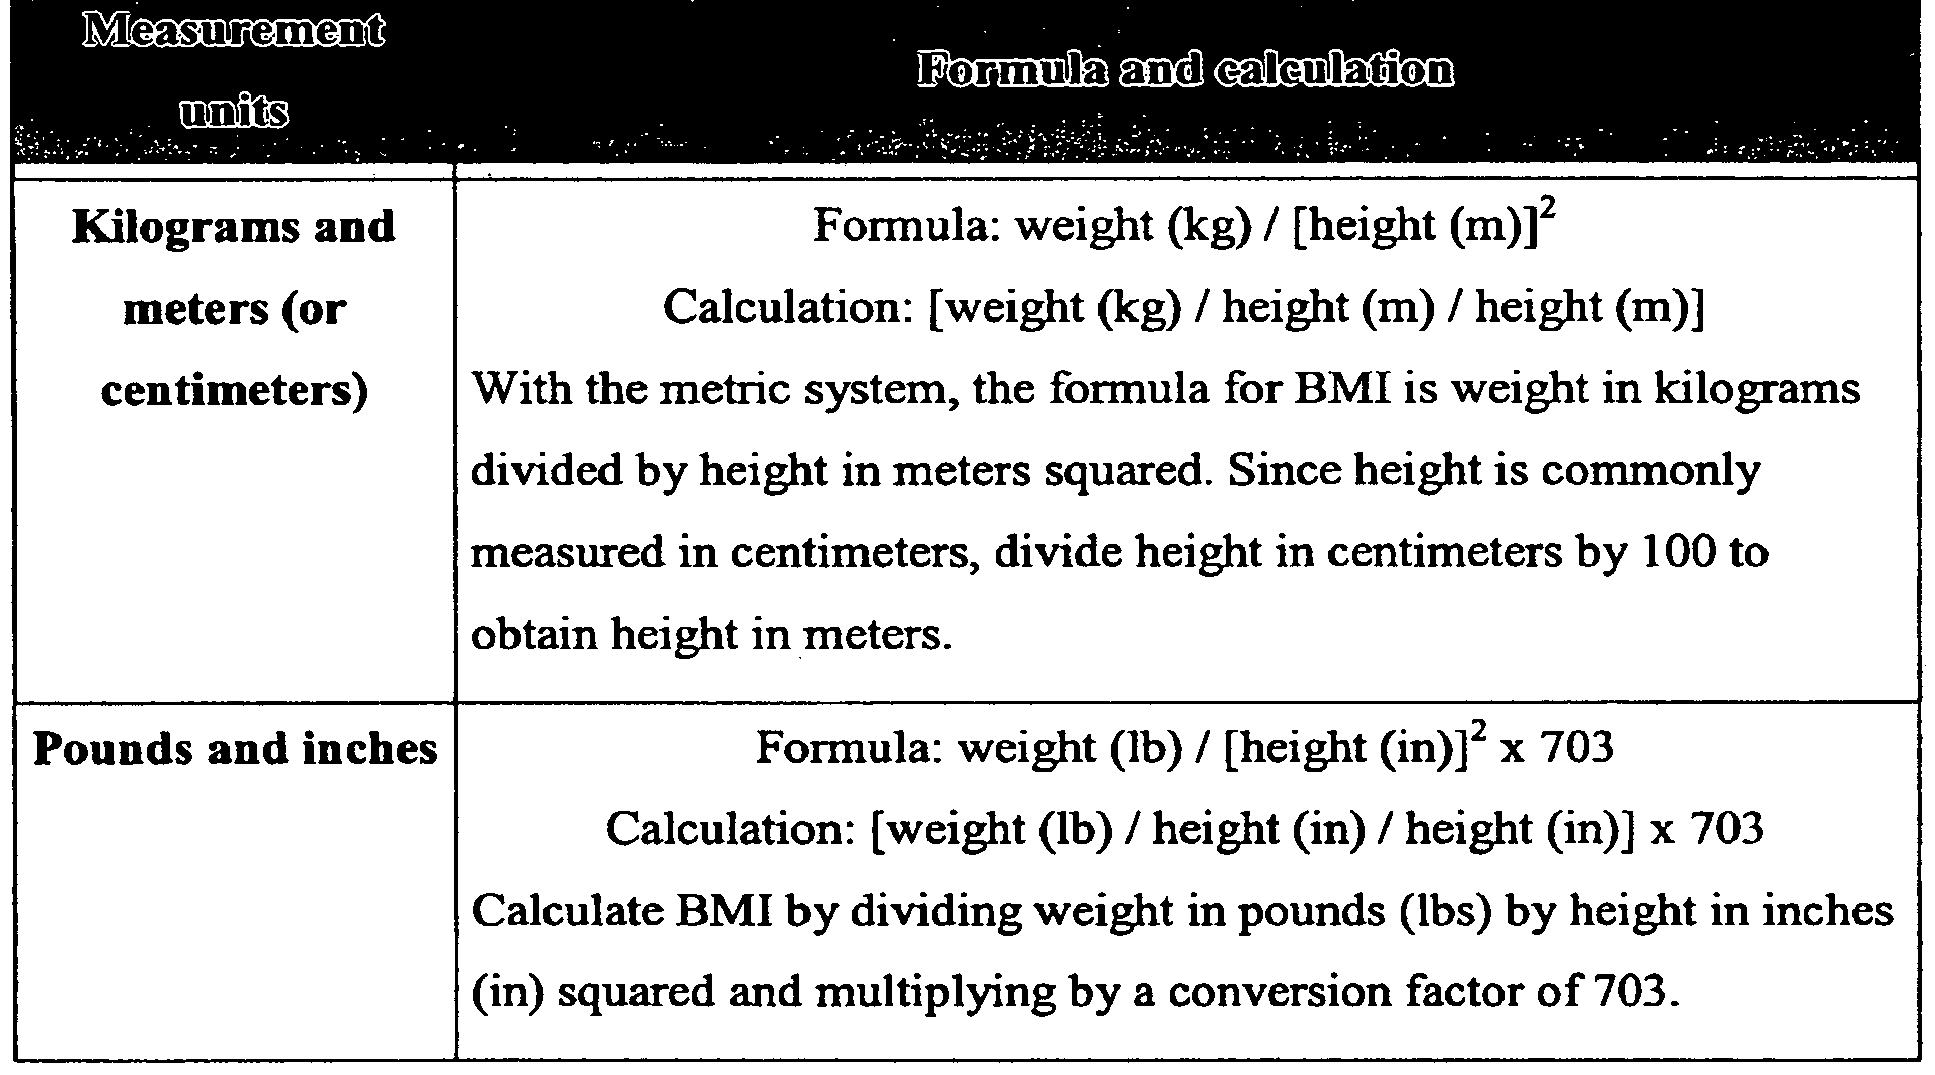 Figure Imgf000054_0001 Download Figure Bmi Calculator